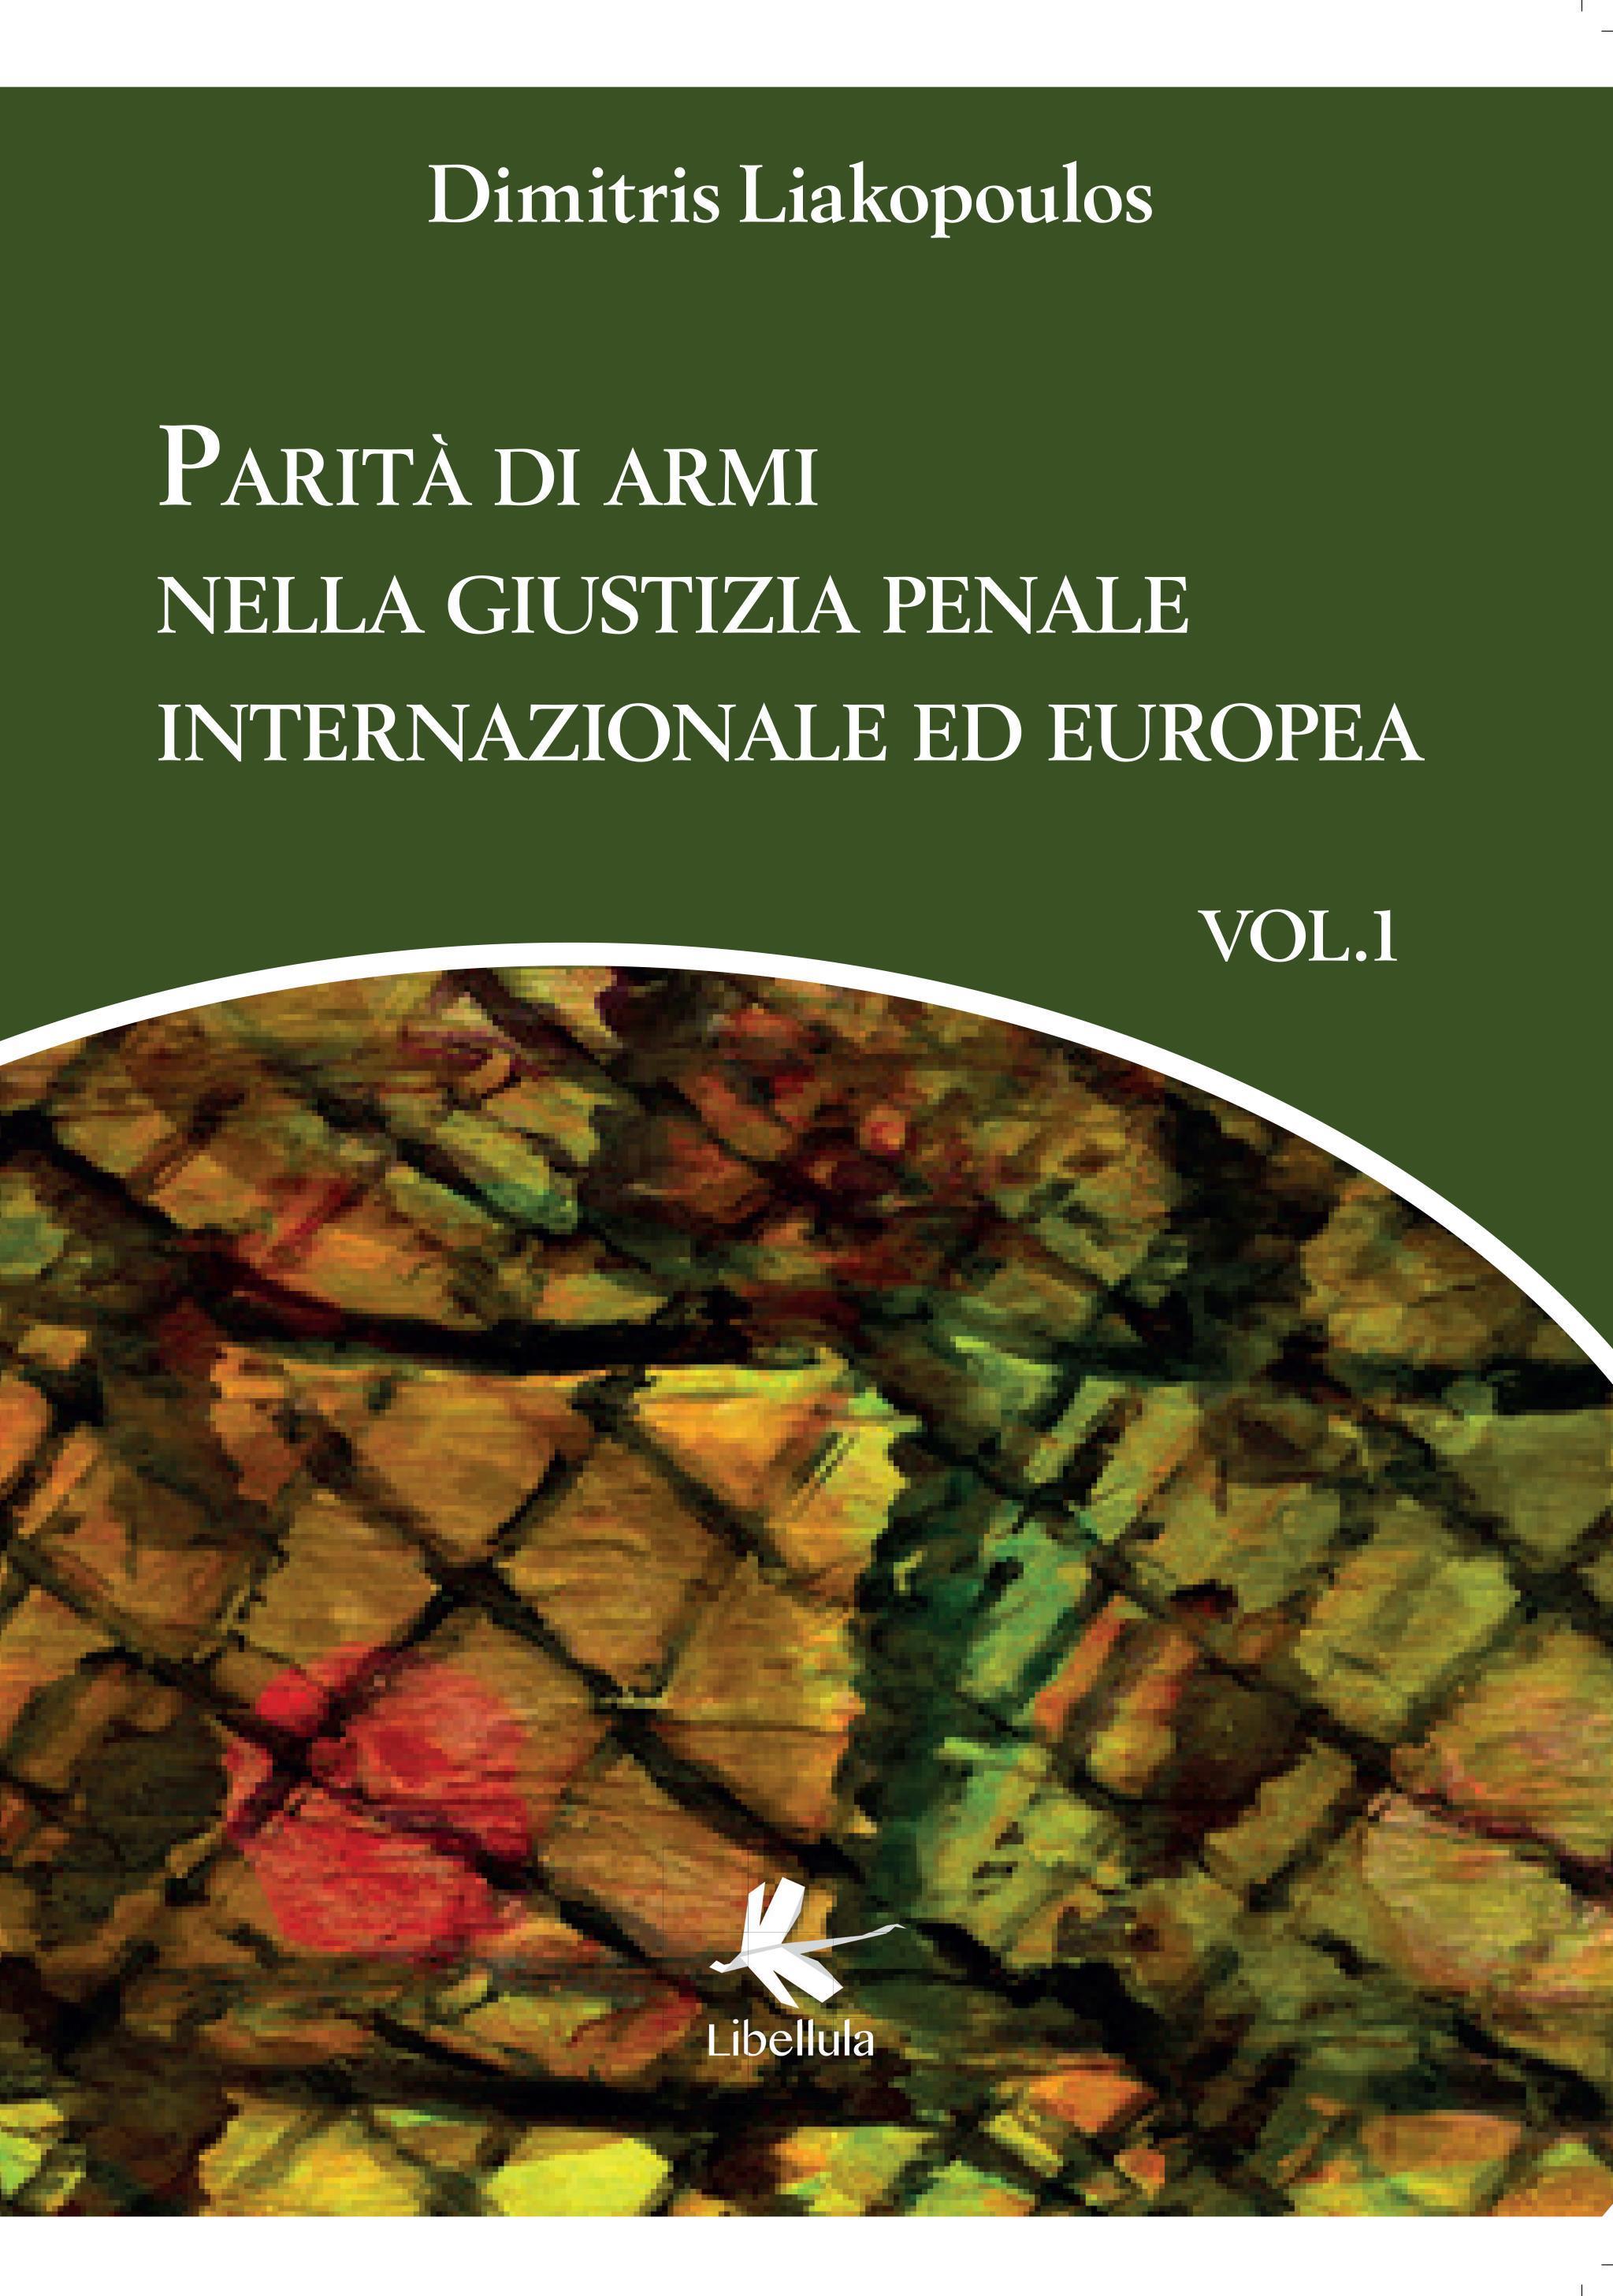 Parità di armi nella giustizia penale internazionale ed europea - Volume 1